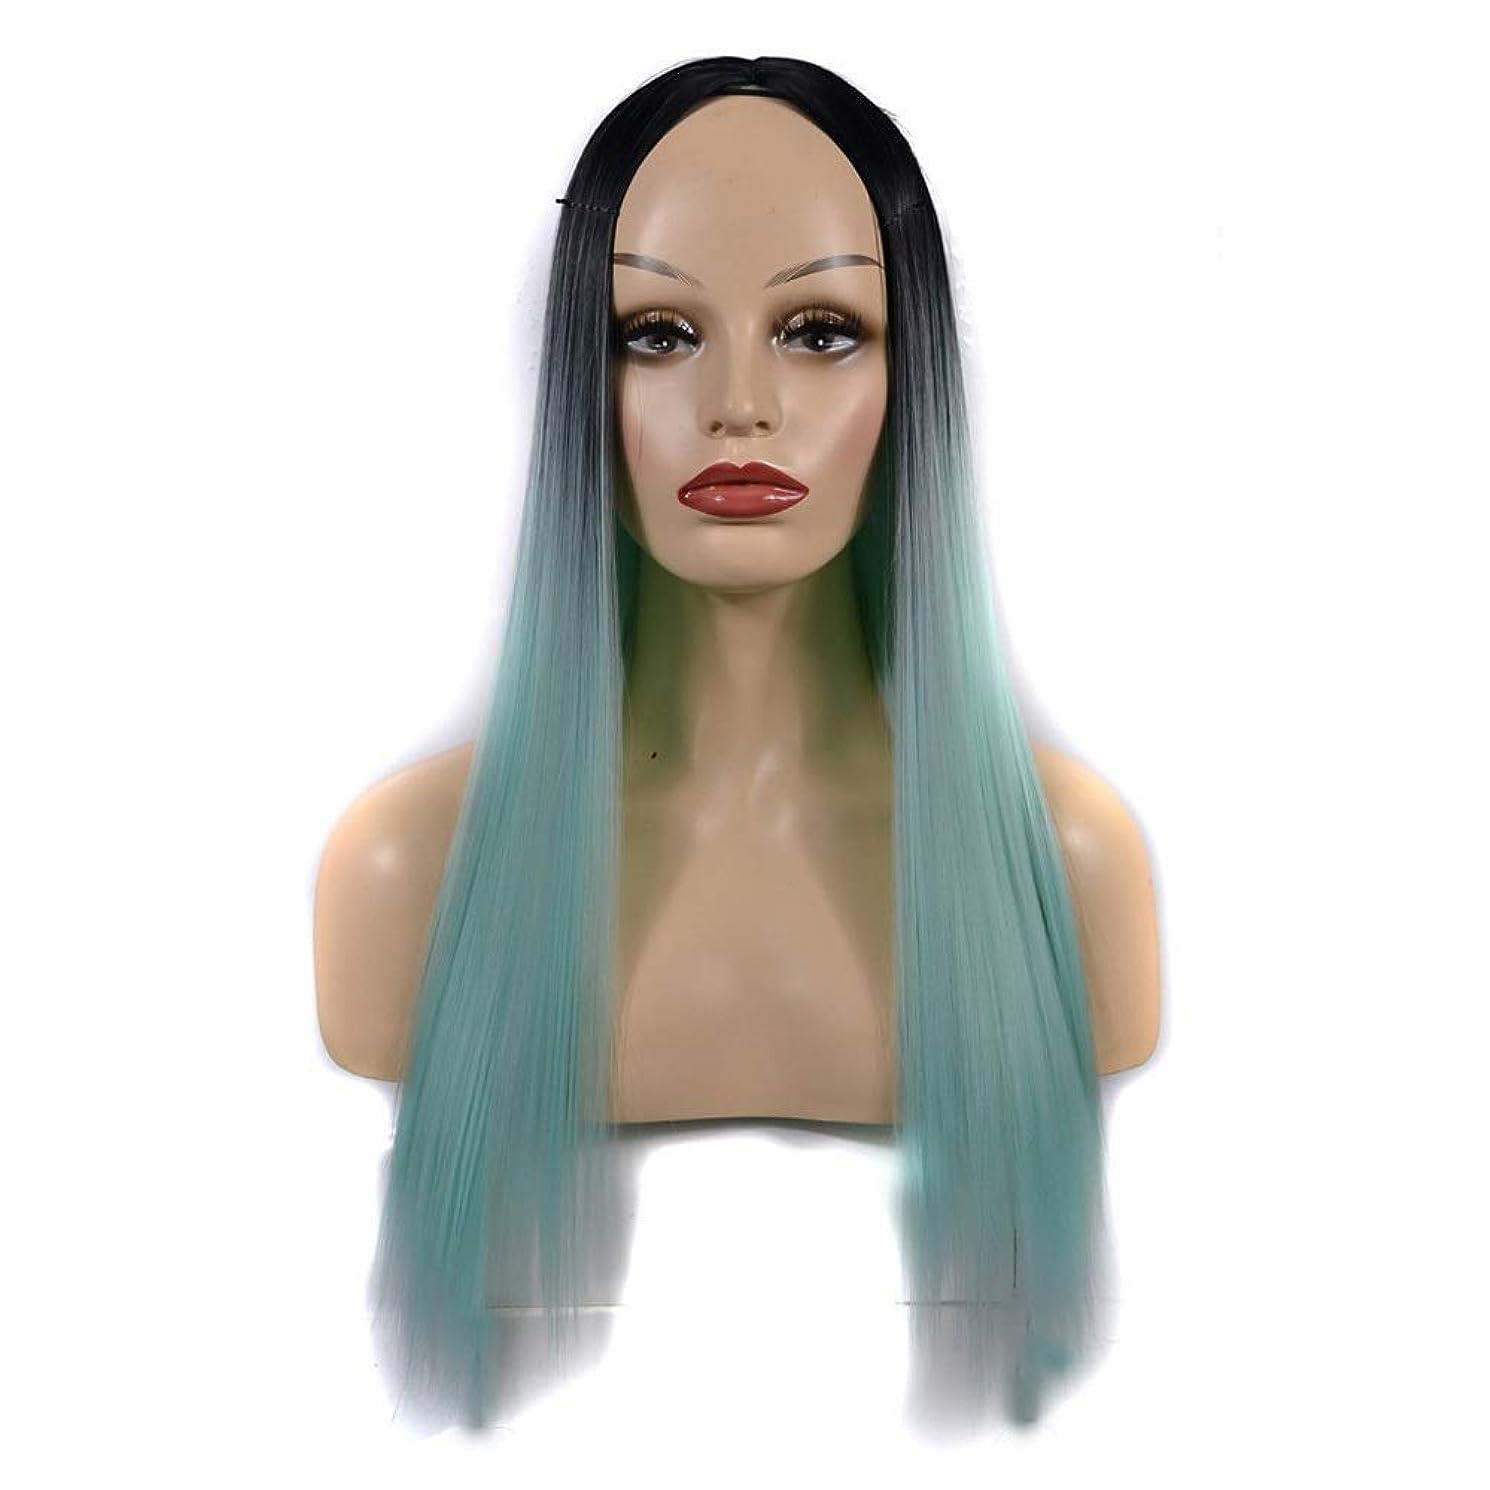 めんどり電話に出るツールBOBIDYEE 女性のための合成かつら黒髪の根緑の長いストレートの髪自然なパーティー用ウィッグ (色 : オレンジ, サイズ : 60cm)